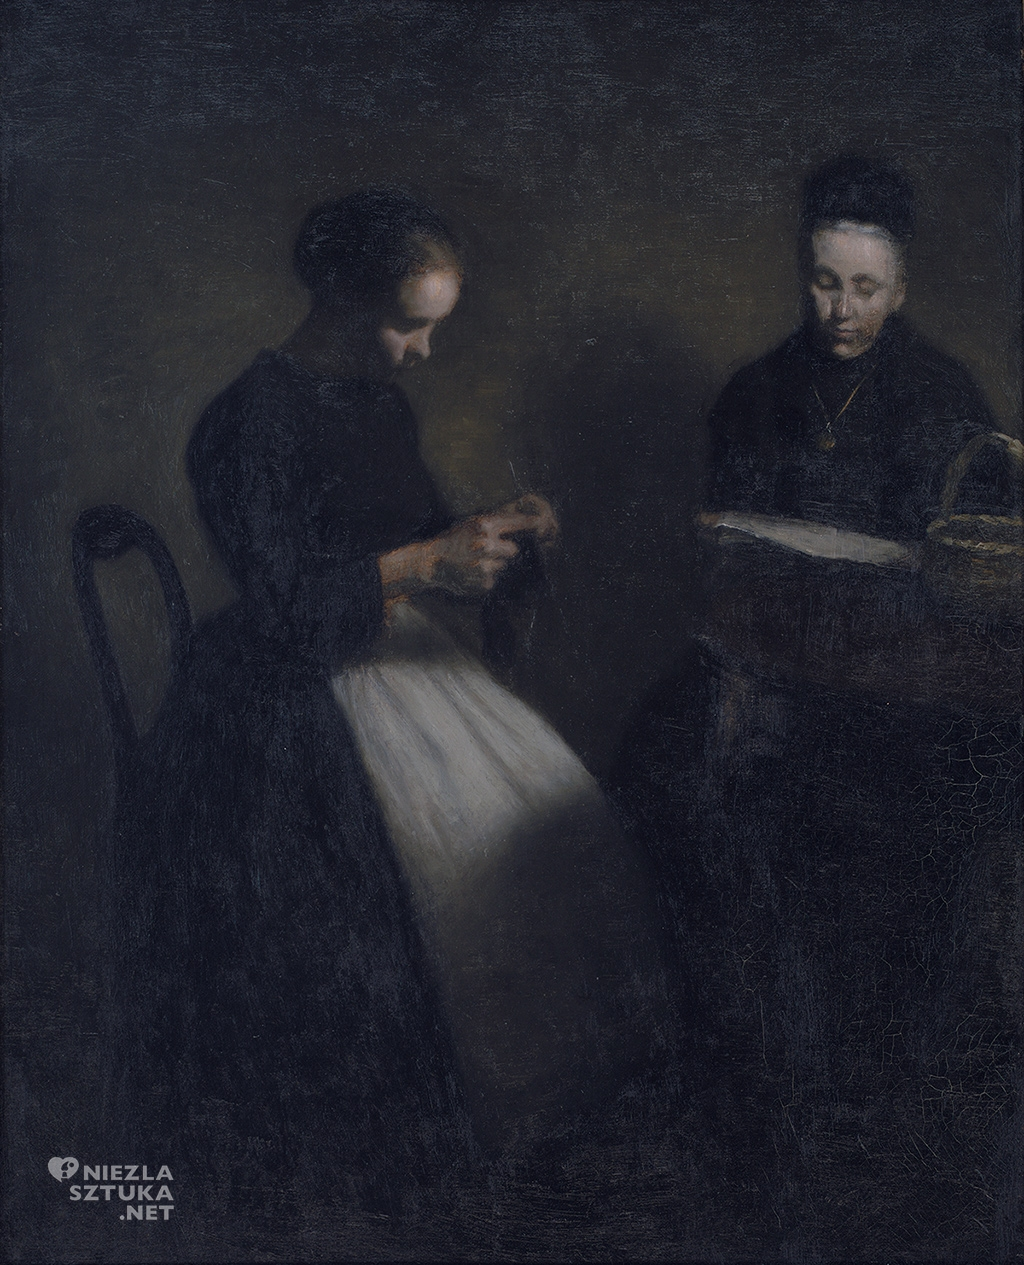 Vilhelm Hammershøi, sztuka duńska, malarz, artysta, niezła sztuka